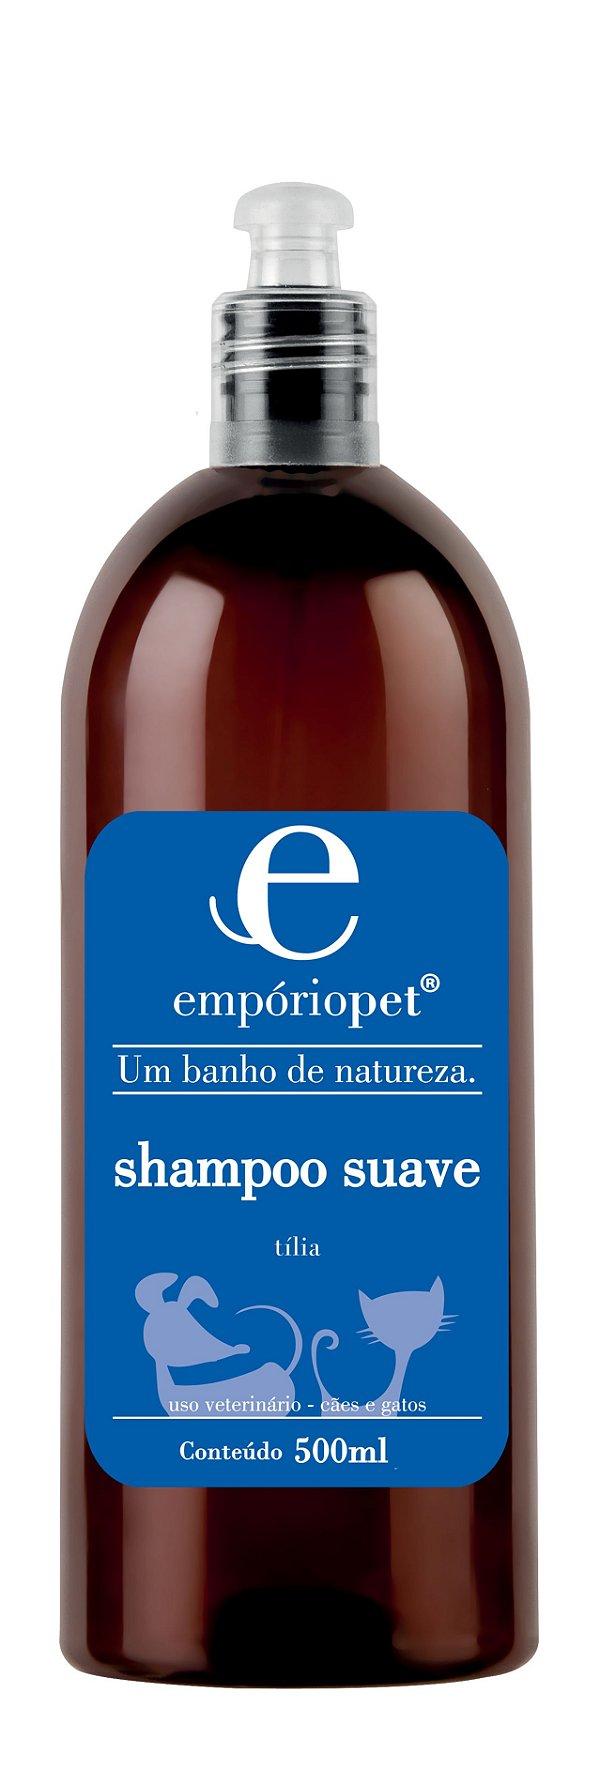 Shampoo Suave Empóriopet